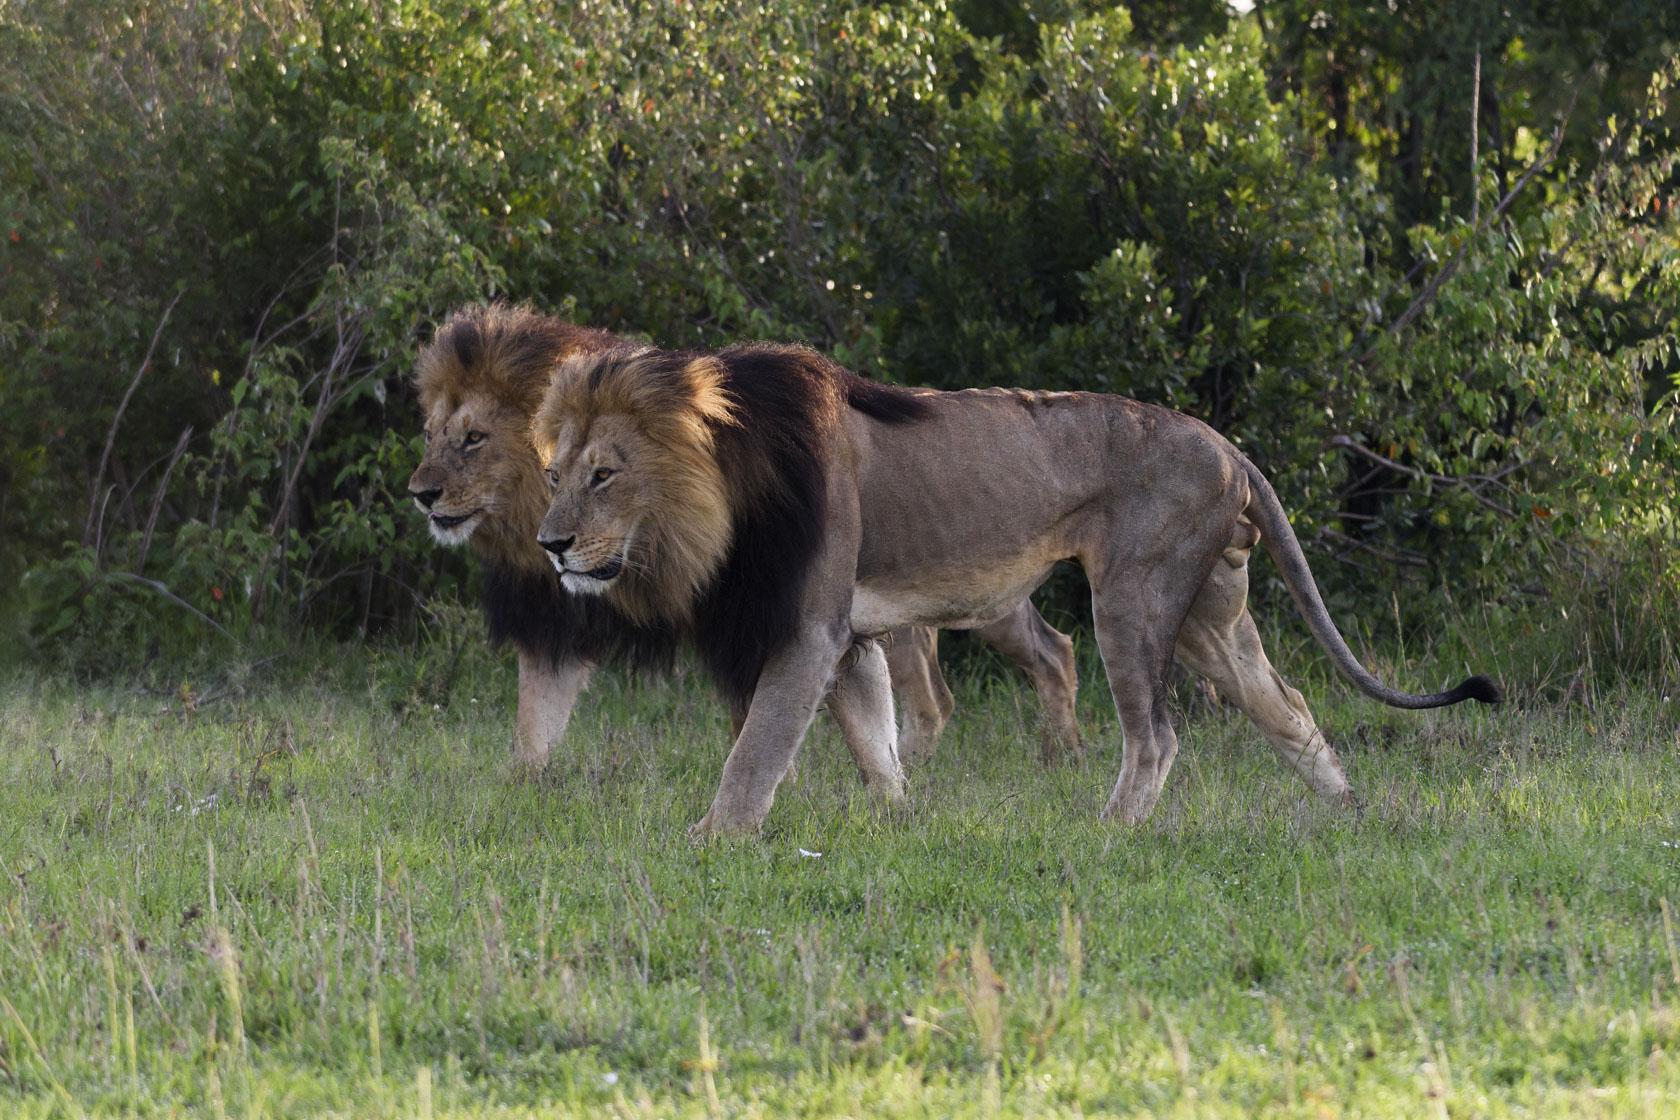 Blacky und Lipstick sind nicht so abgemagert – wie man es an den anderen Fotos sehen kann –, sondern extrem angespannt und mal wieder auf der Flucht vor Büffeln. Während andere Löwen – und sogar Löwinnen – häufig Büffel reißen, haben sie nur Schiss